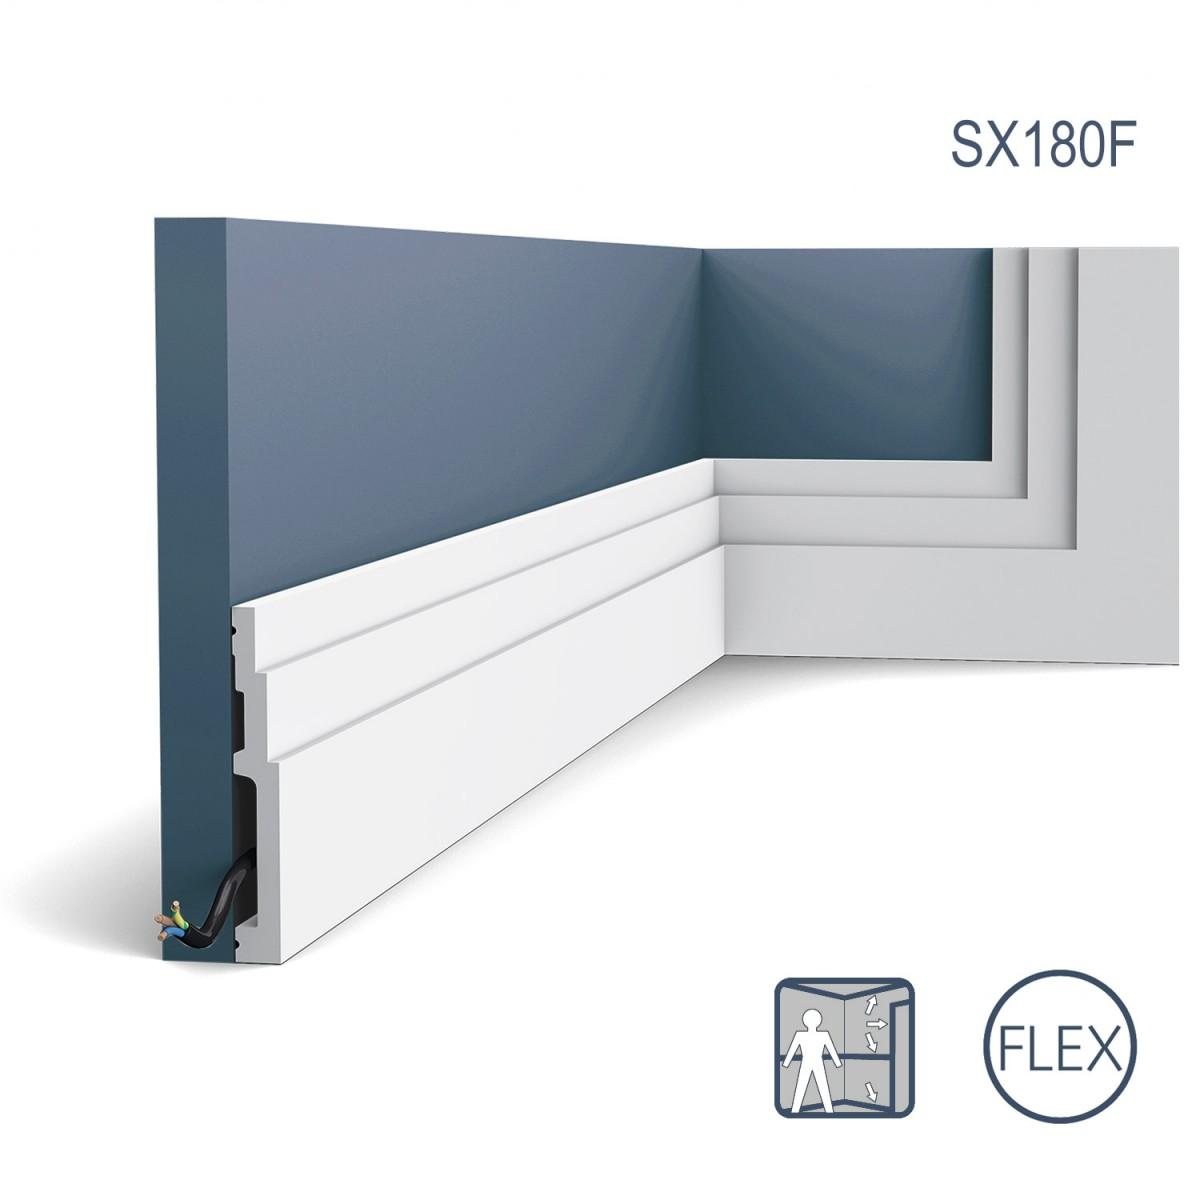 Plinta Flex Modern SX180F, Dimensiuni: 200 X 12 X 1.6 cm, Orac Decor